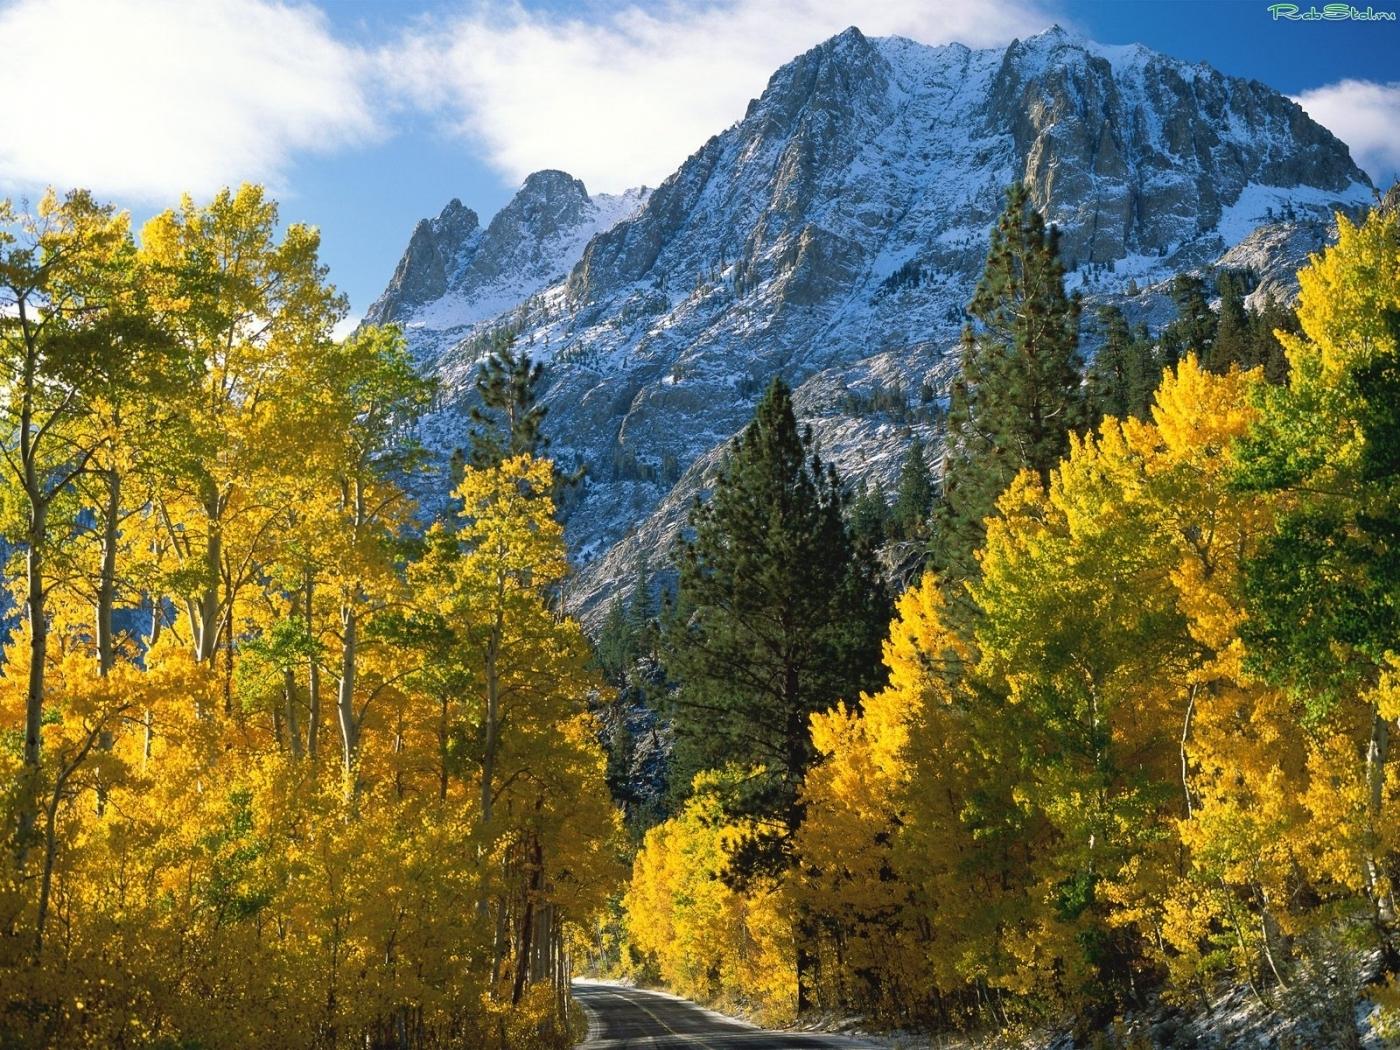 23423 скачать обои Пейзаж, Деревья, Горы, Осень - заставки и картинки бесплатно